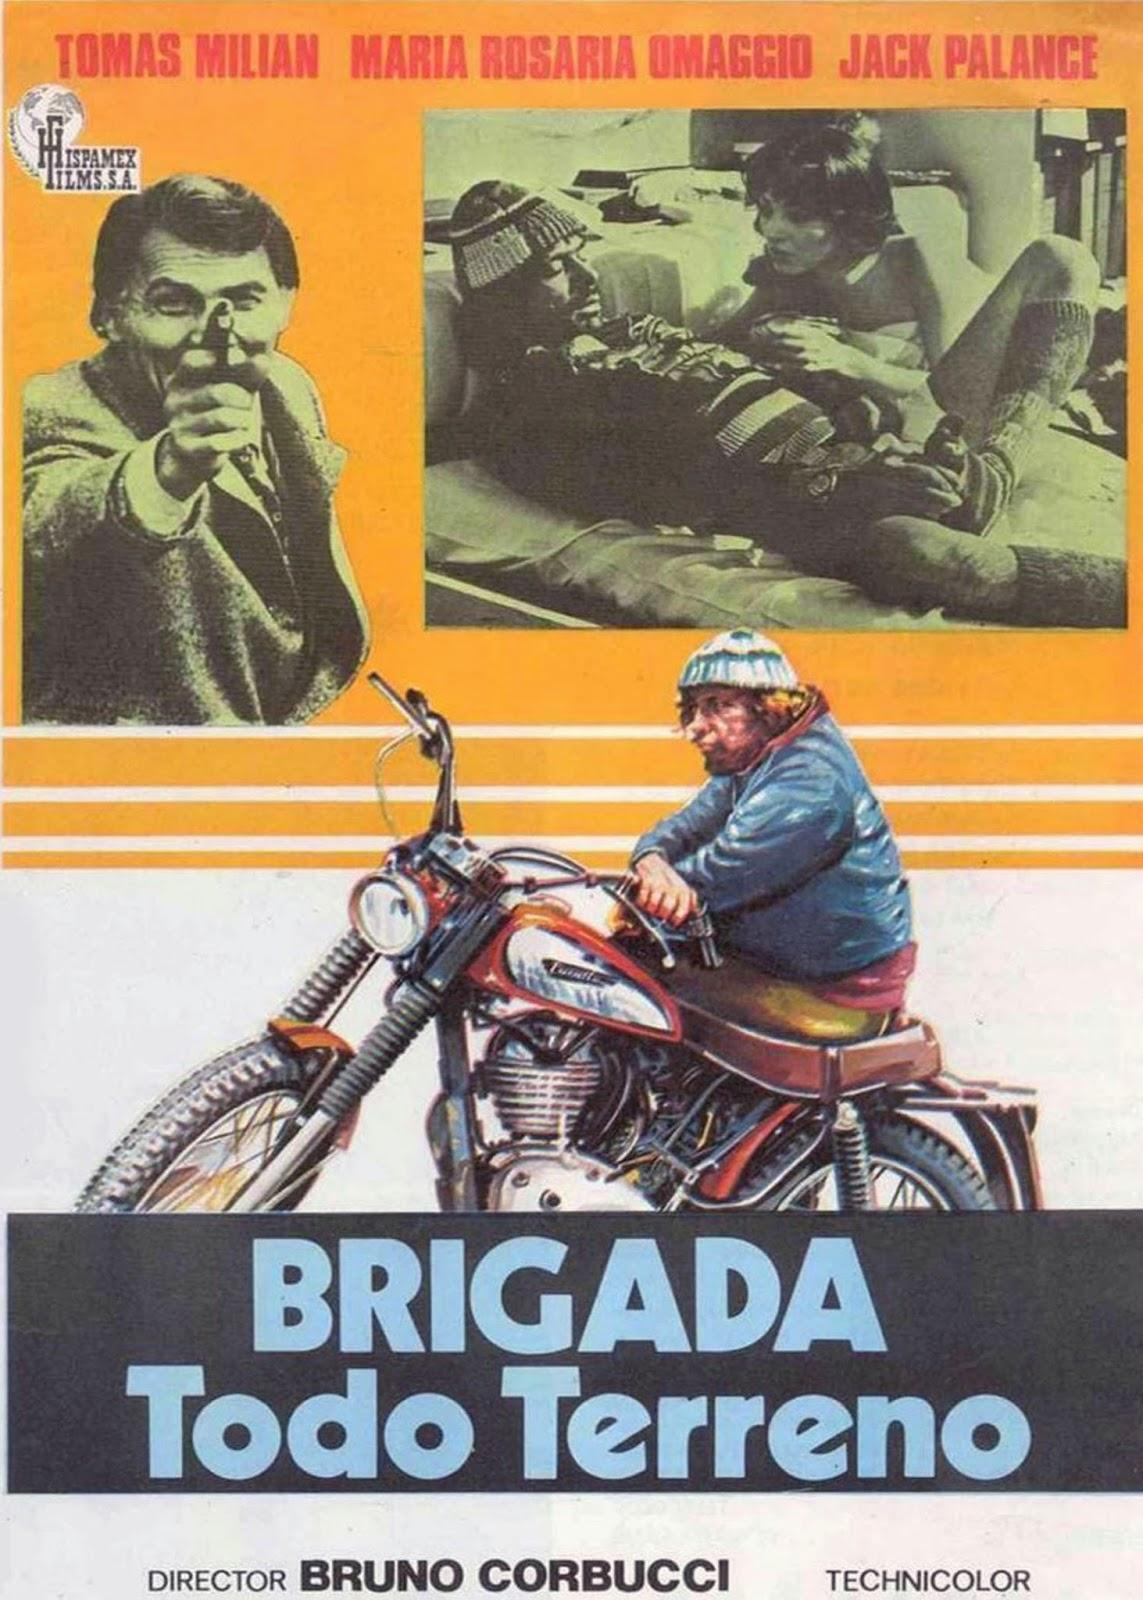 Brigada todo terreno (1976)